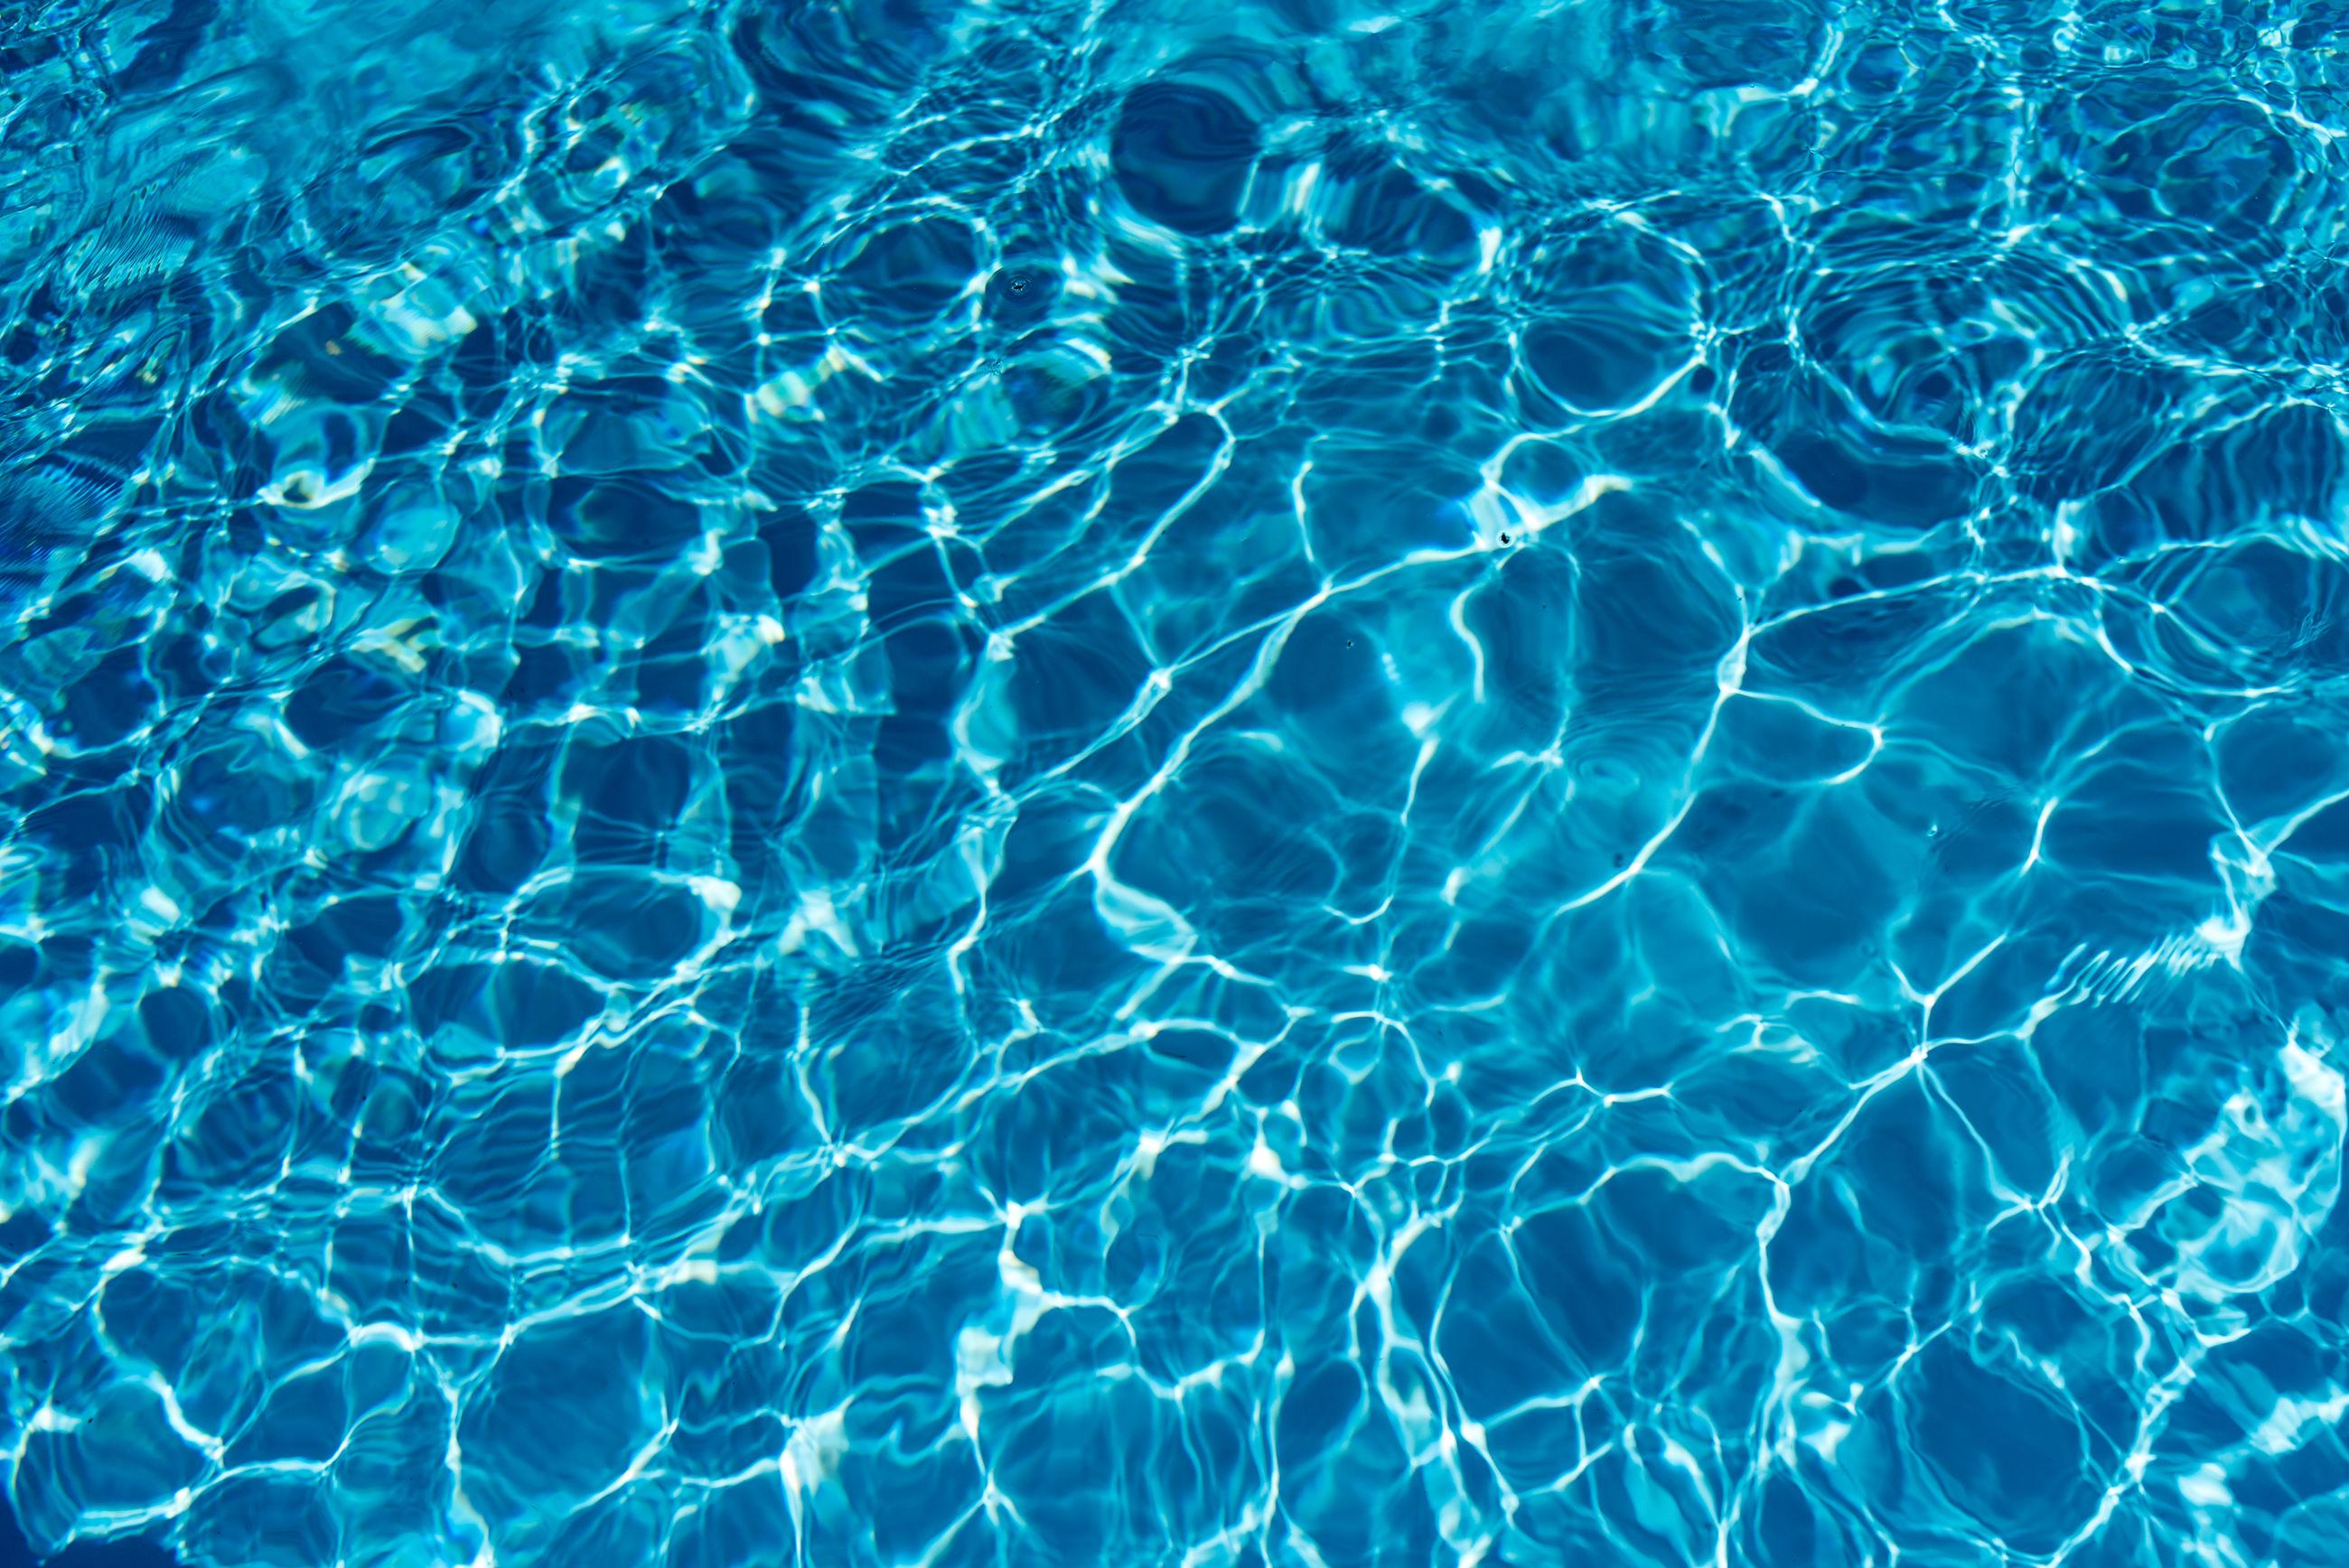 Full frame shot of rippled swimming pool